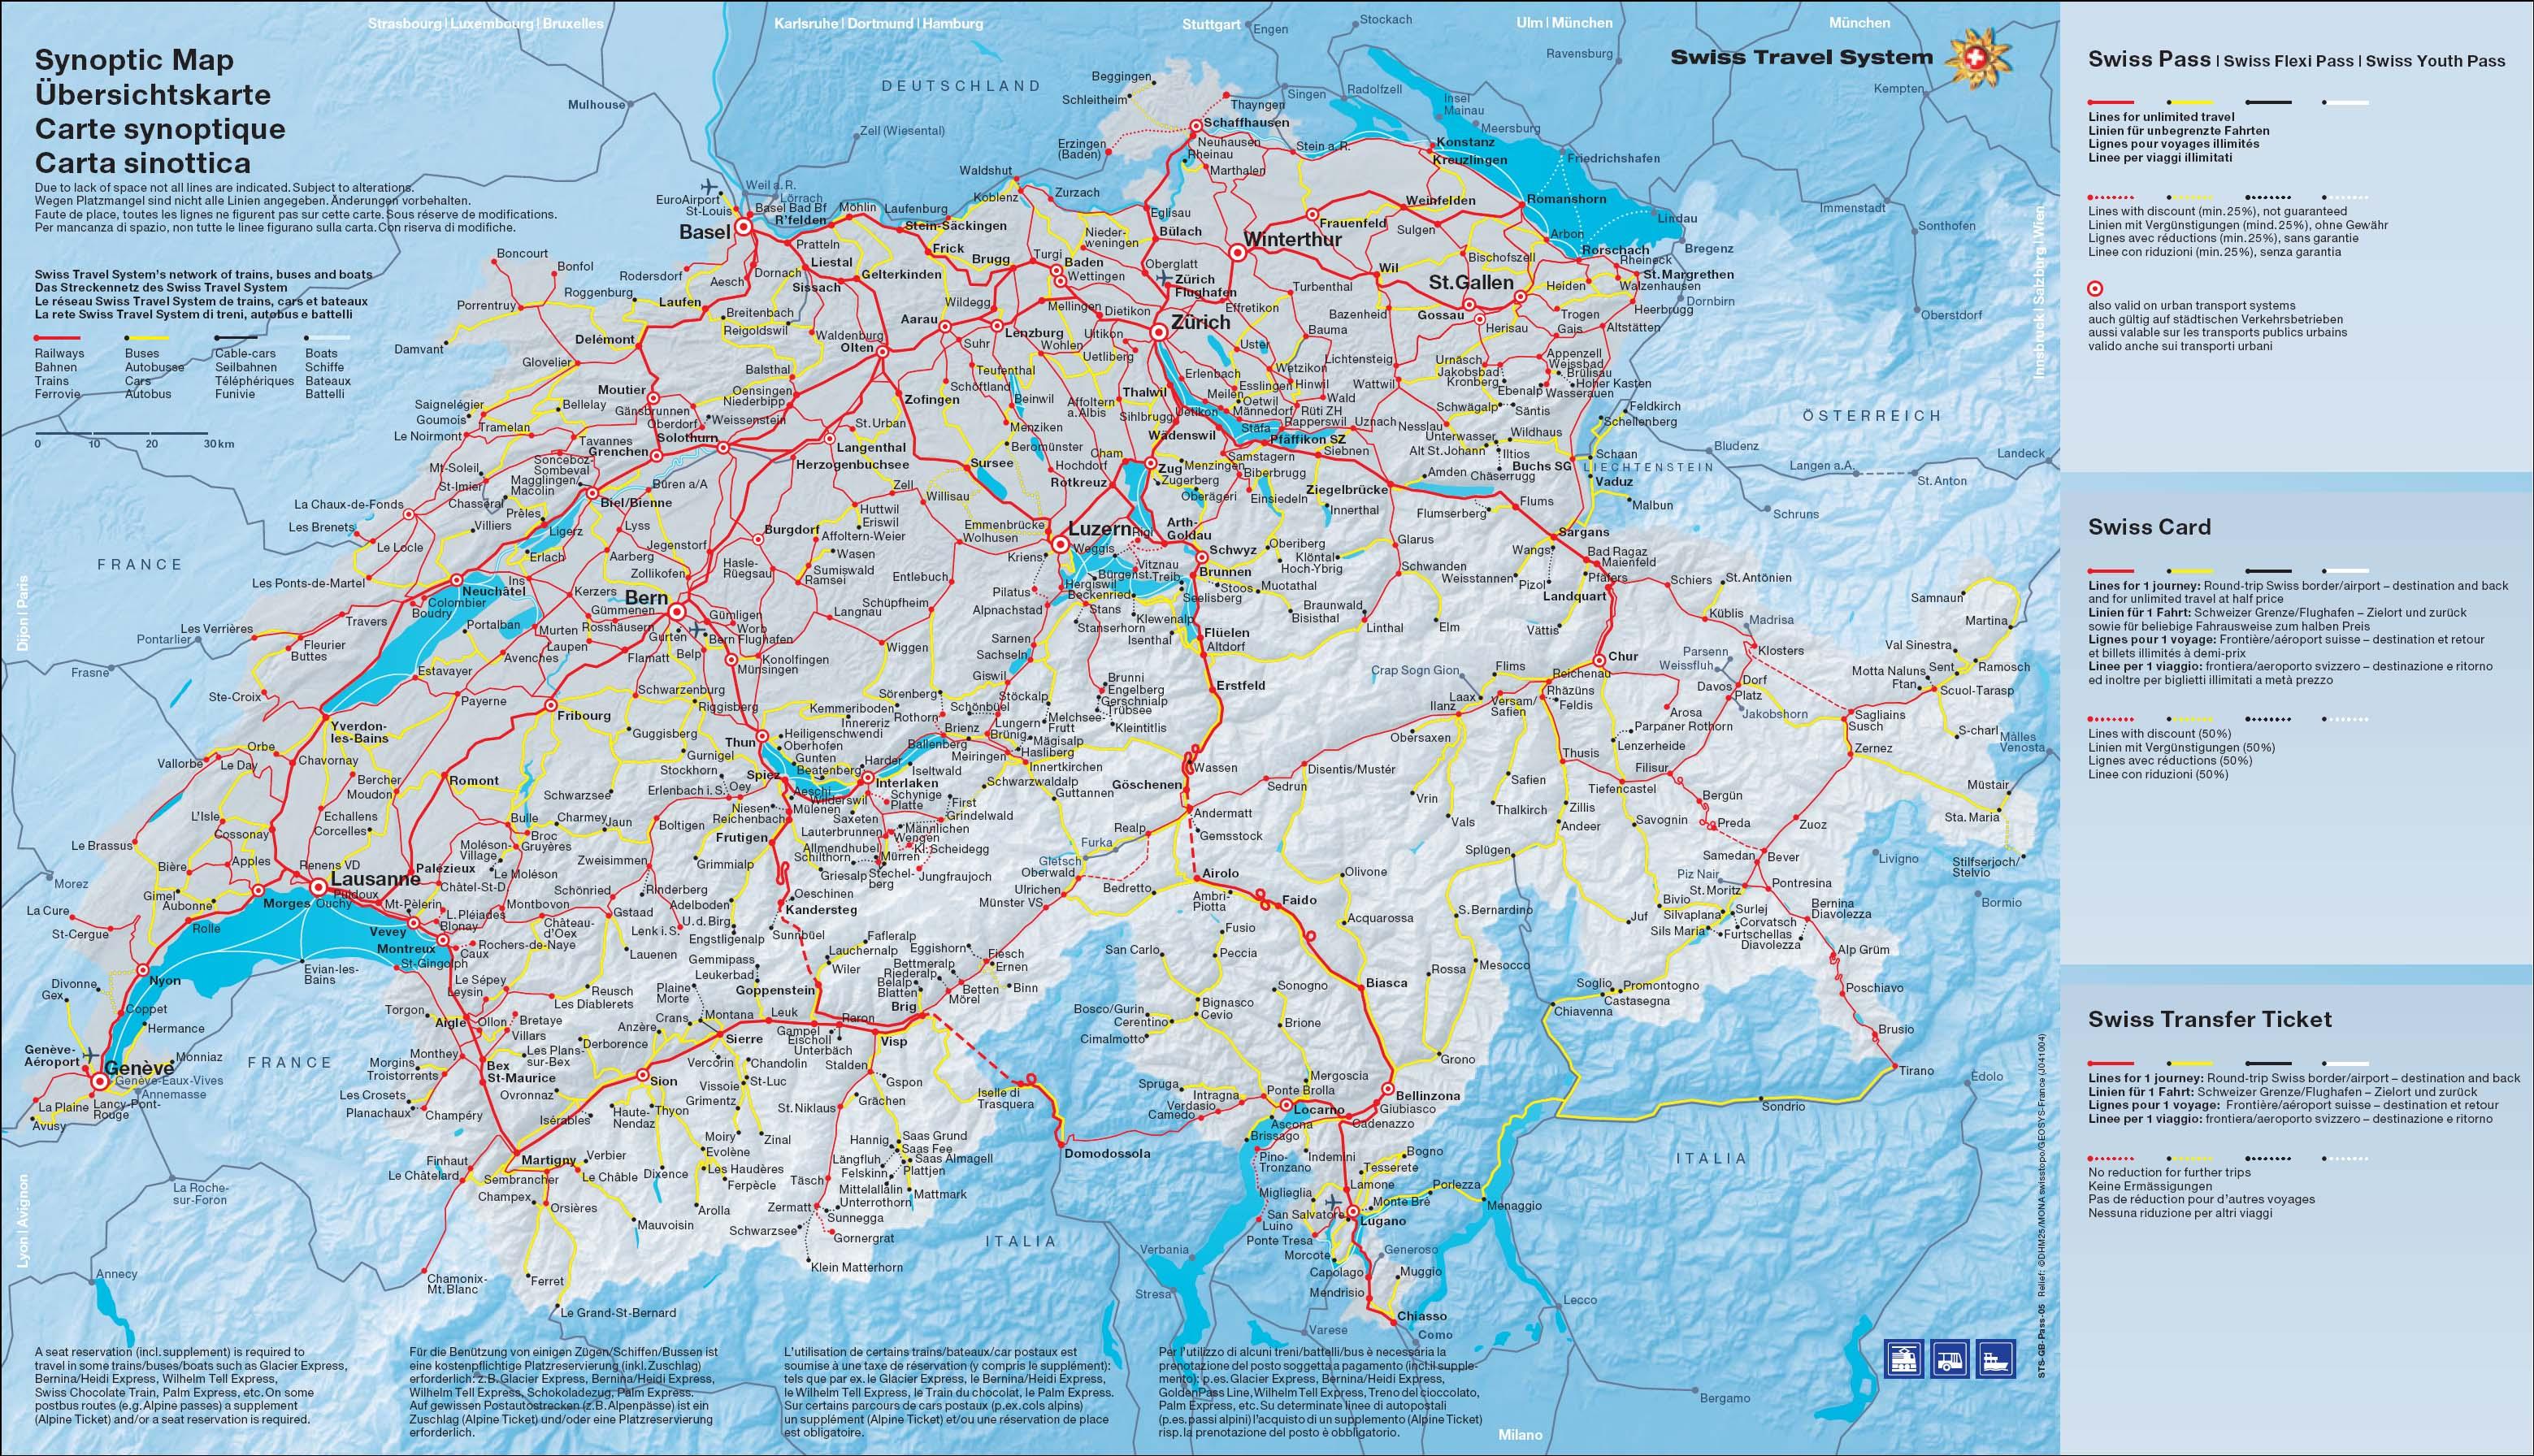 karta svajcarske ŠVICARSKA Karta Švicarske – Autokarta – Zemljovid | Gorila karta svajcarske